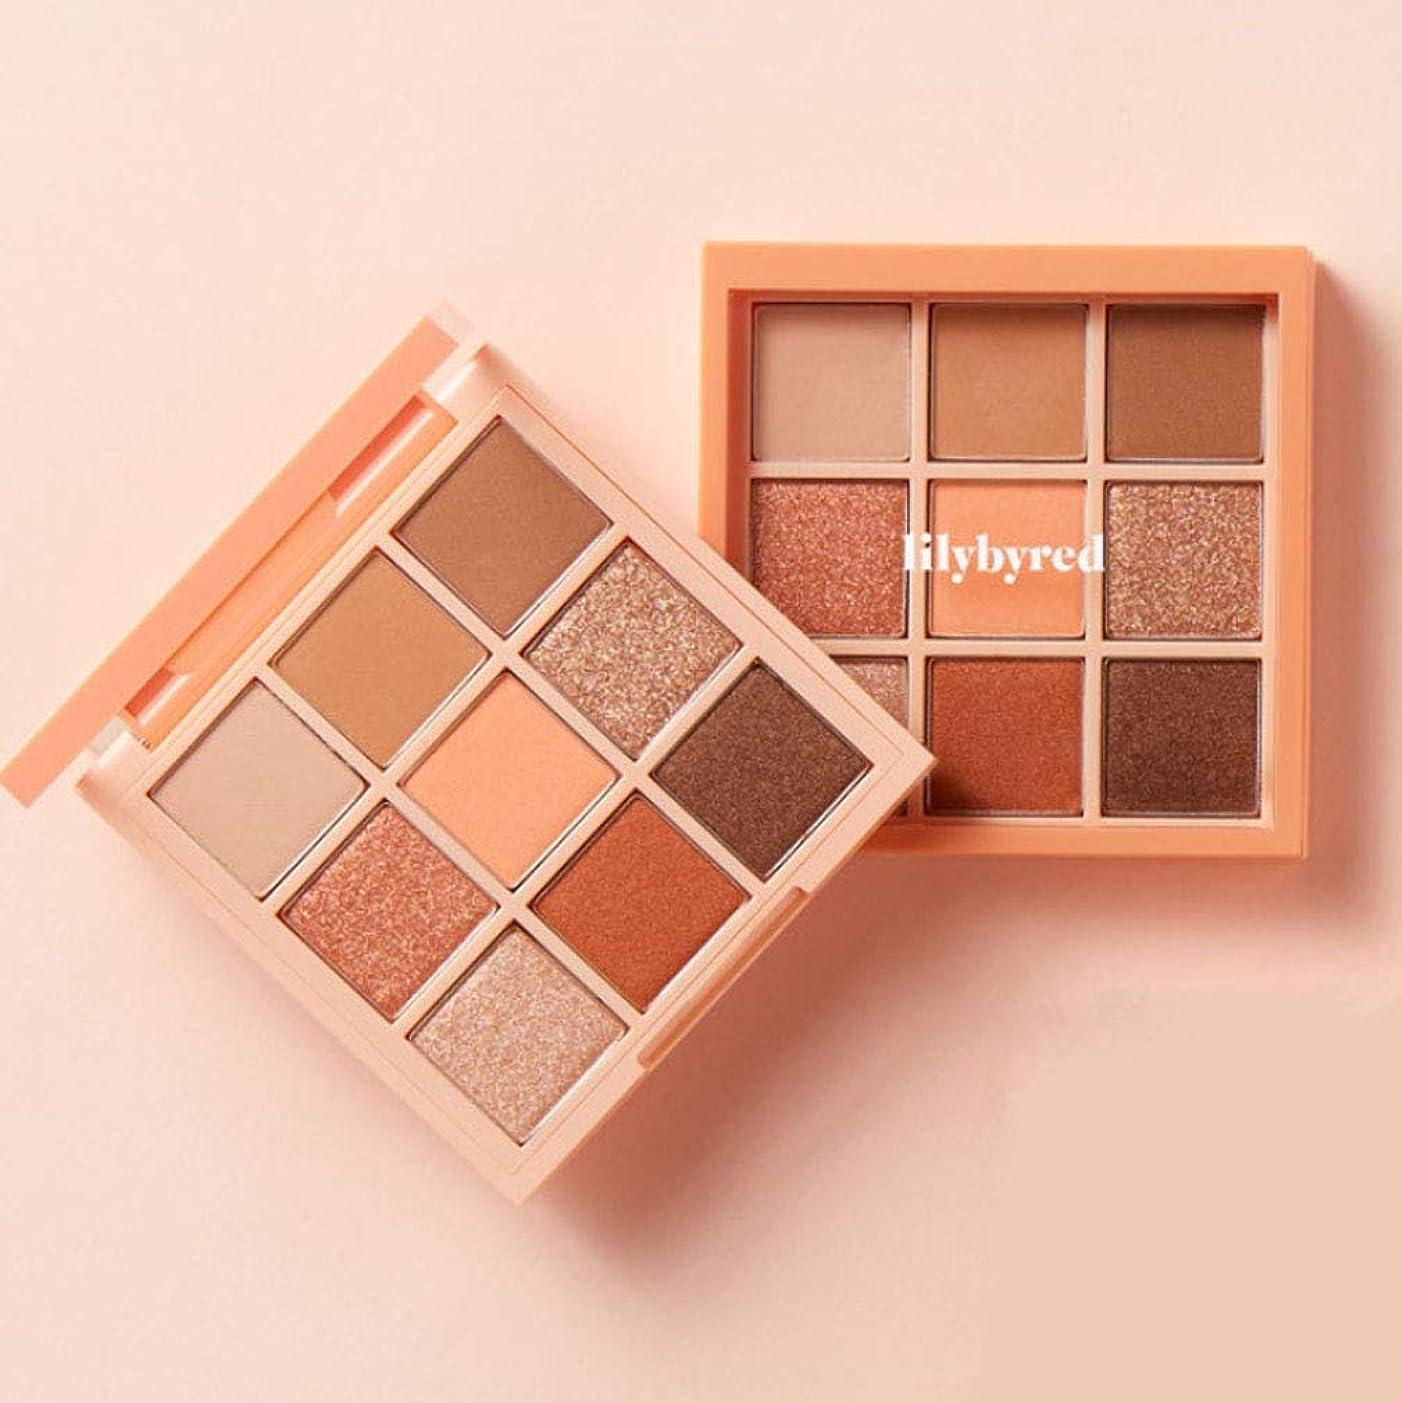 行商人丁寧手がかりLILYBYRED Mood Cheat Kit Eyeshadow Palette #Peach Energy 告発色、高密着、告知の中独歩的な高クオリティアイシャドウパレット9color(並行輸入品)